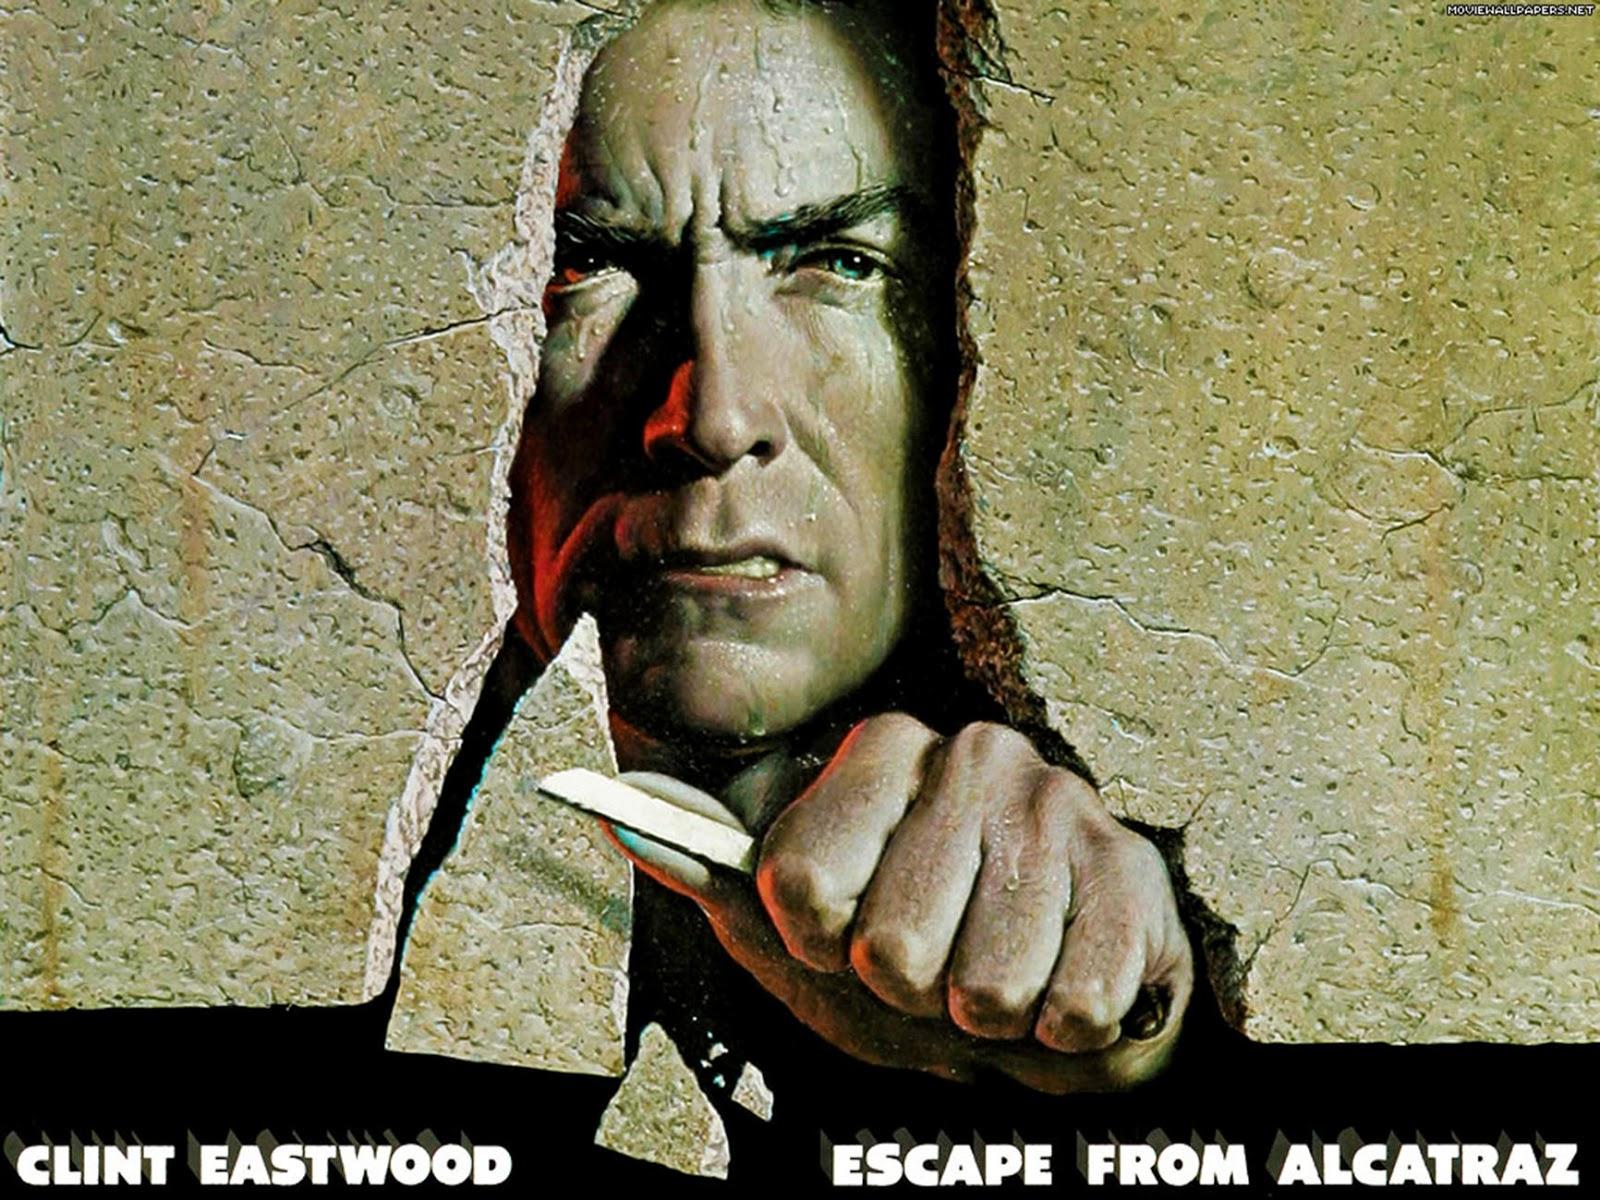 Escape From Alcatraz Movie Cast